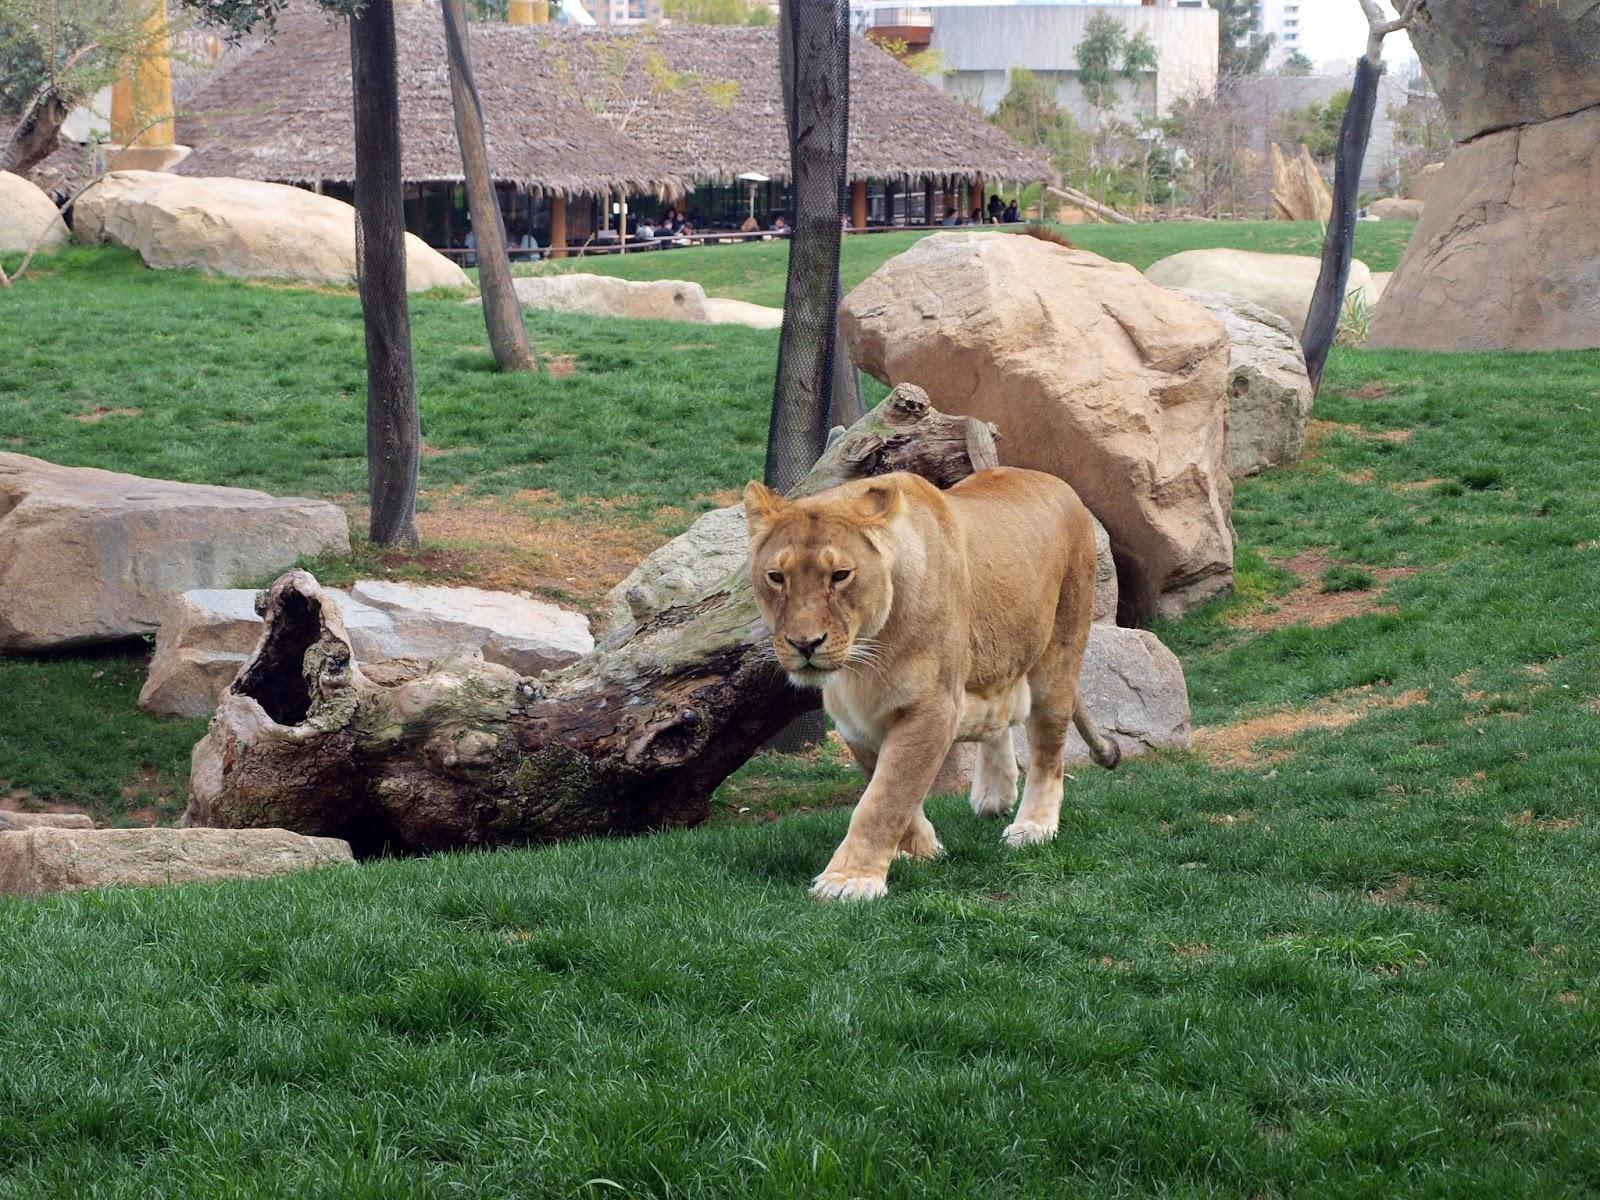 animal-big-cat-grass-lion,lion images